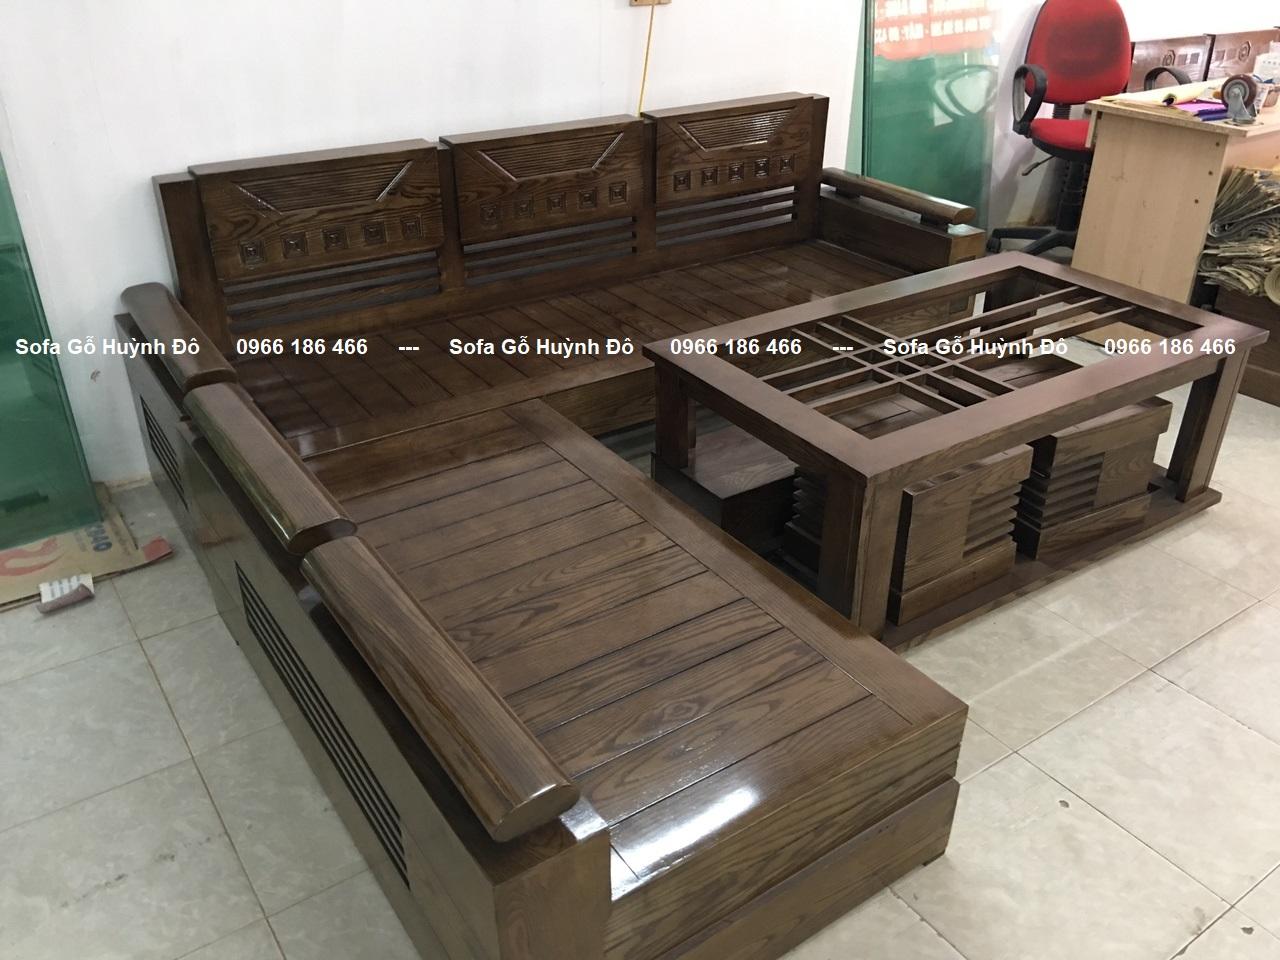 Mẫu bàn ghế phòng khách gỗ sồi kiểu dáng chữ L, đơn giản, đẹp